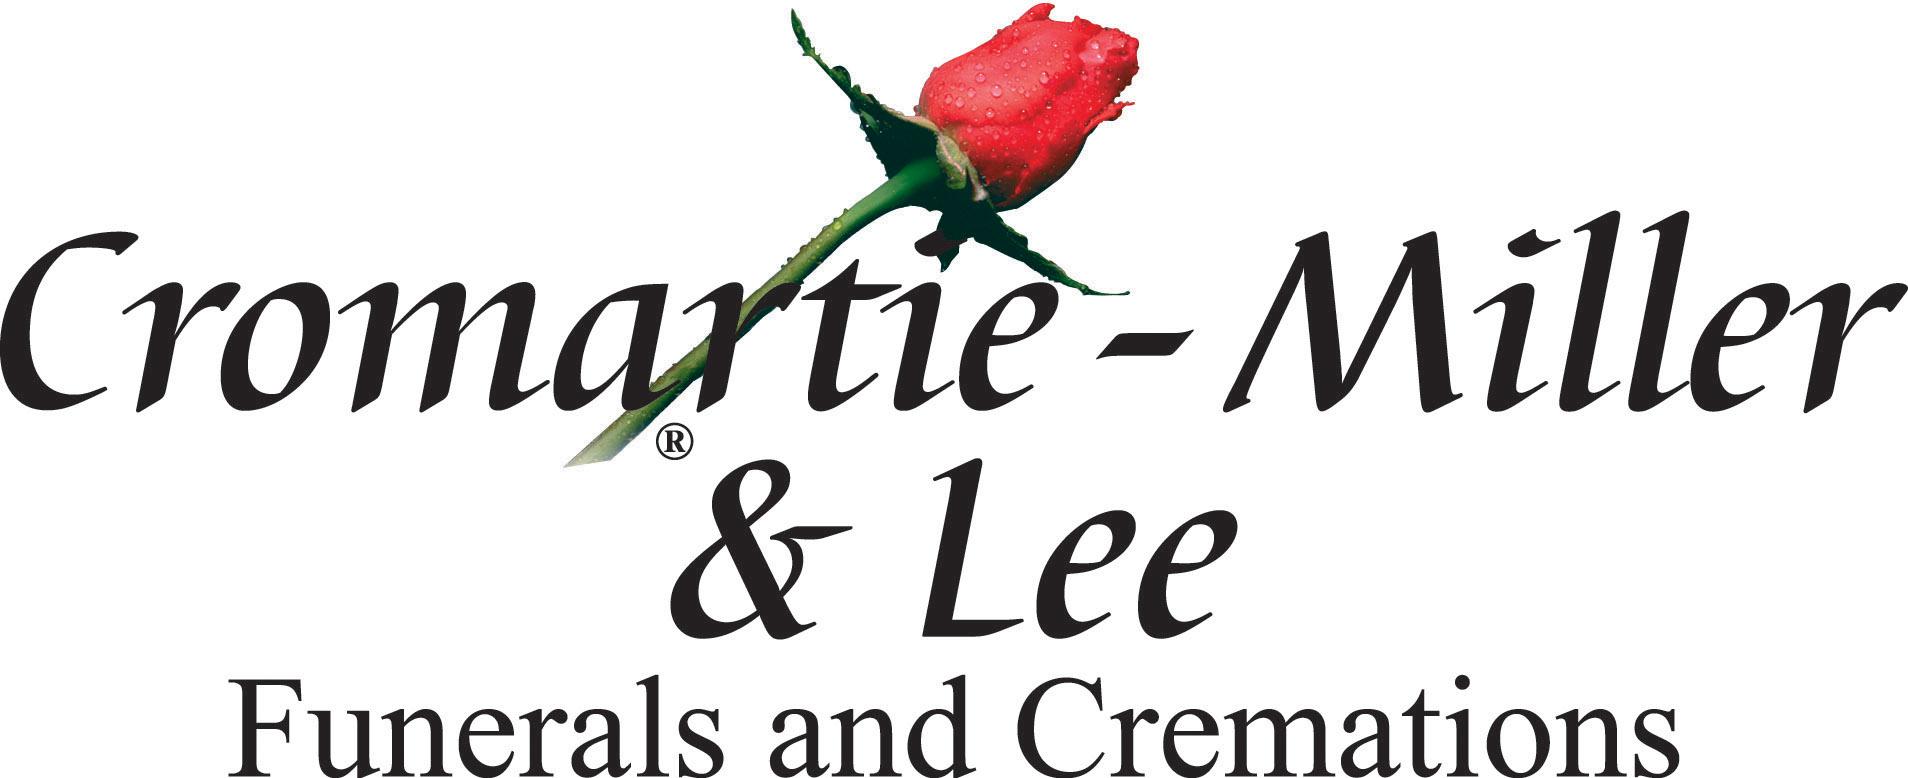 Cromartie-Miller & Lee Funerals and Cremations